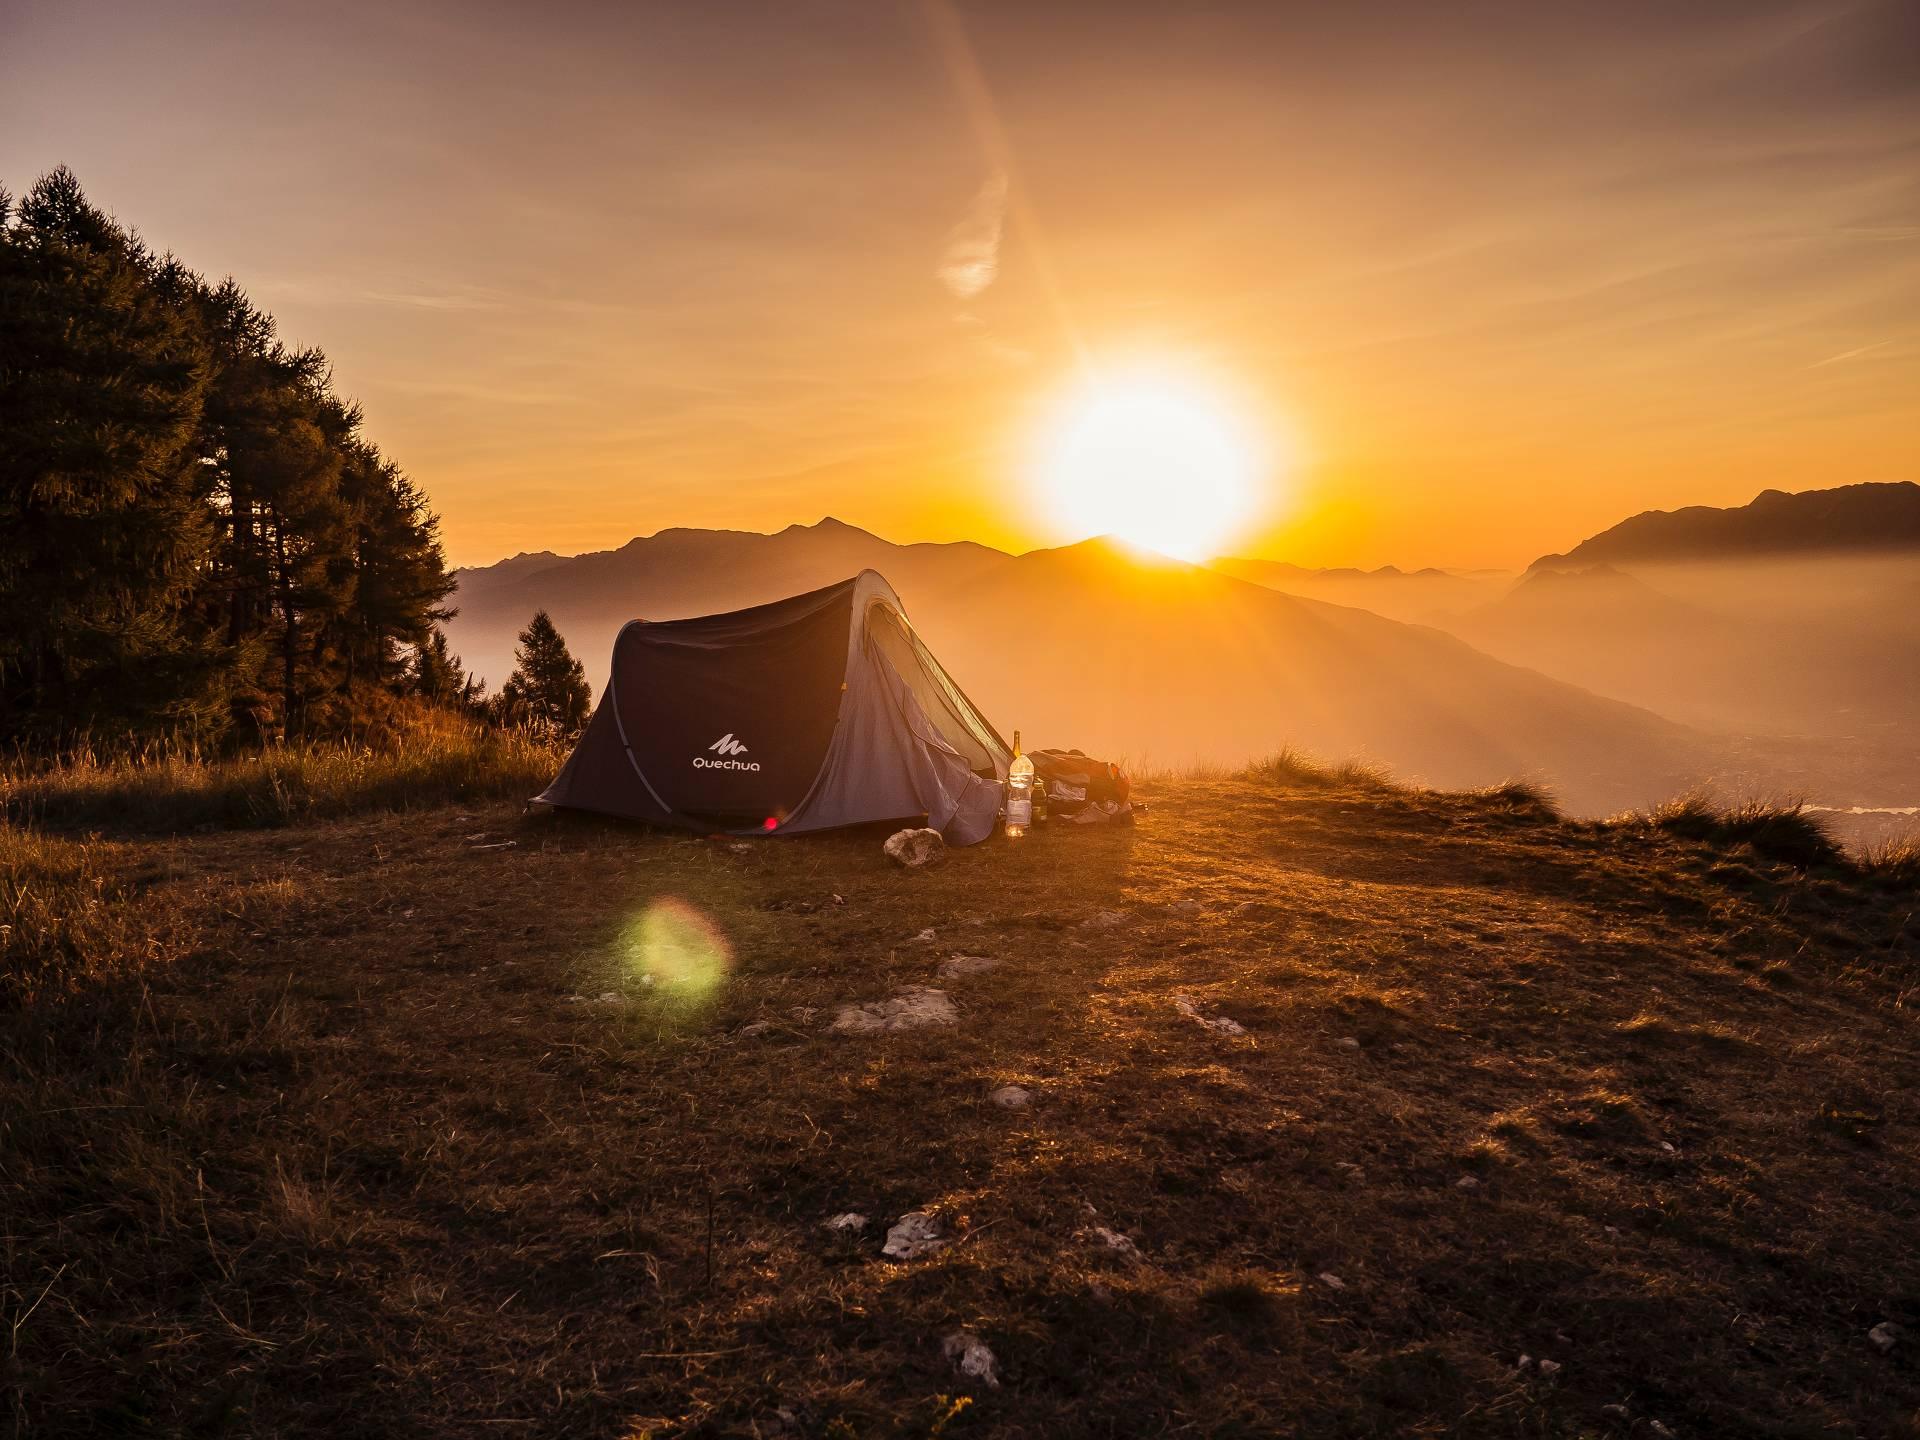 Den Rucksack mit dem Zelteingepackt und raus in die bunte Natur um mal richtig durchzuatmen